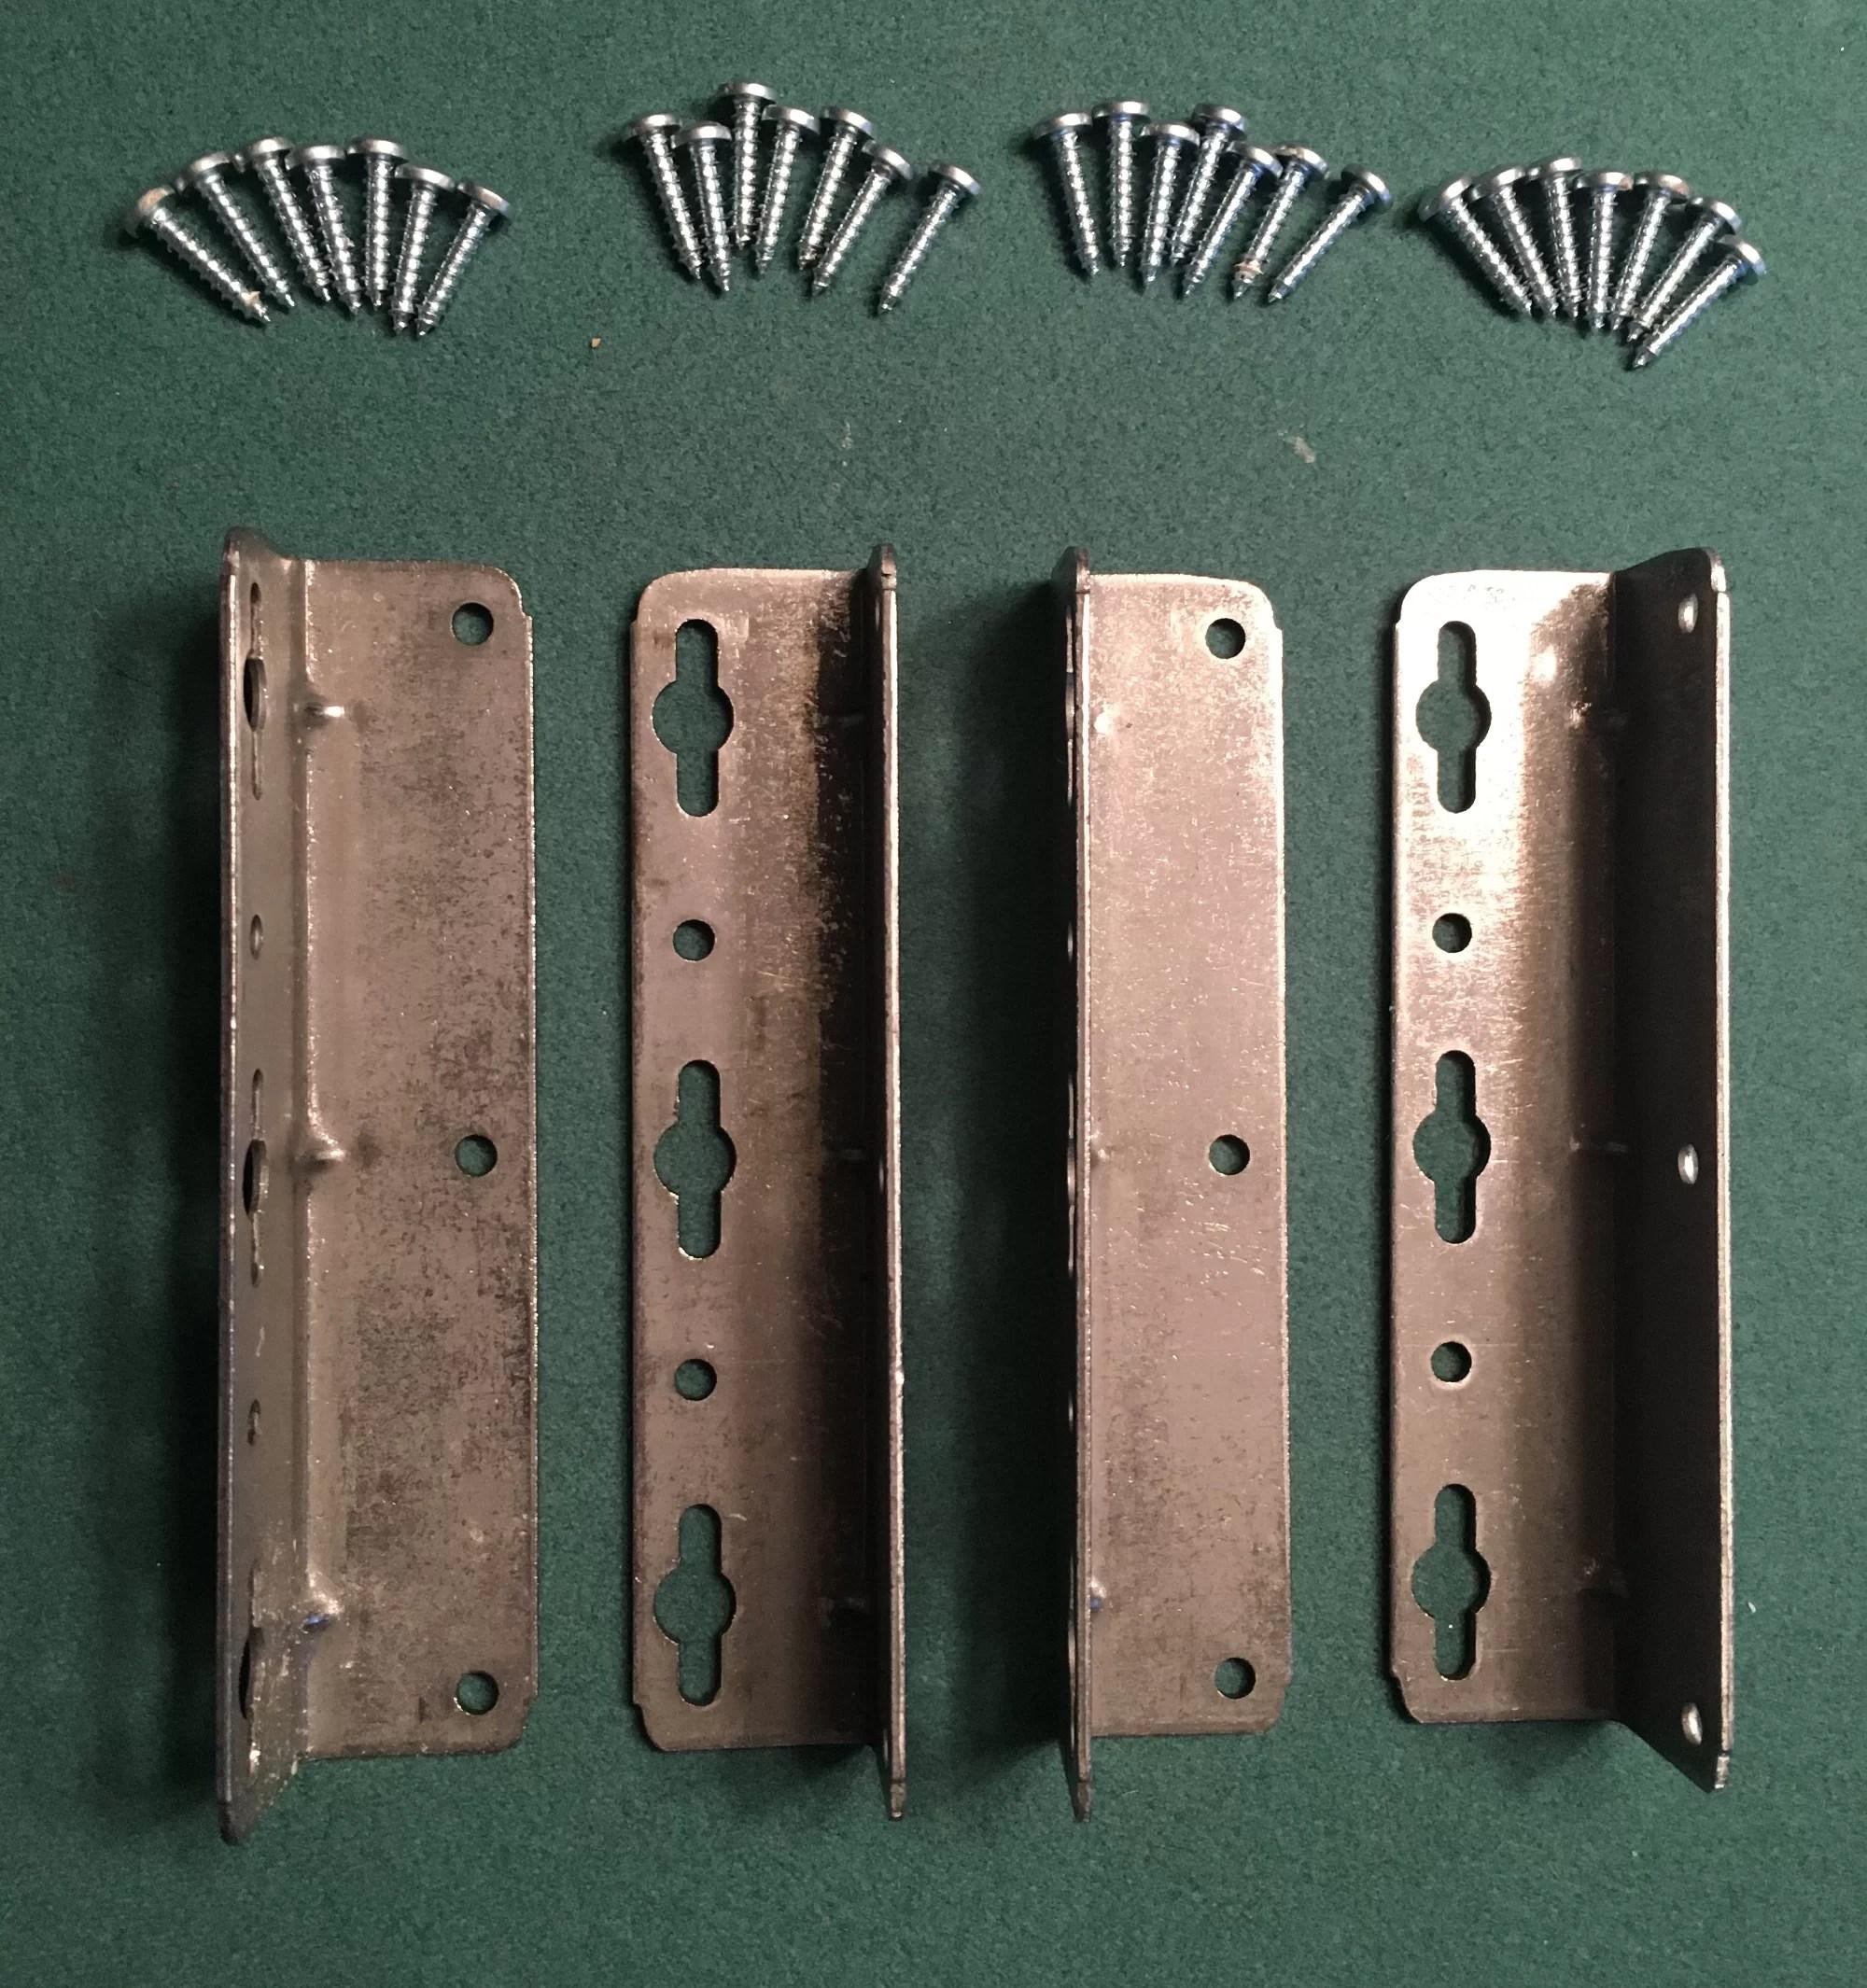 Strobel Technologies Woods Frame And Pedestal Hardware Kit Waterbed Bladder